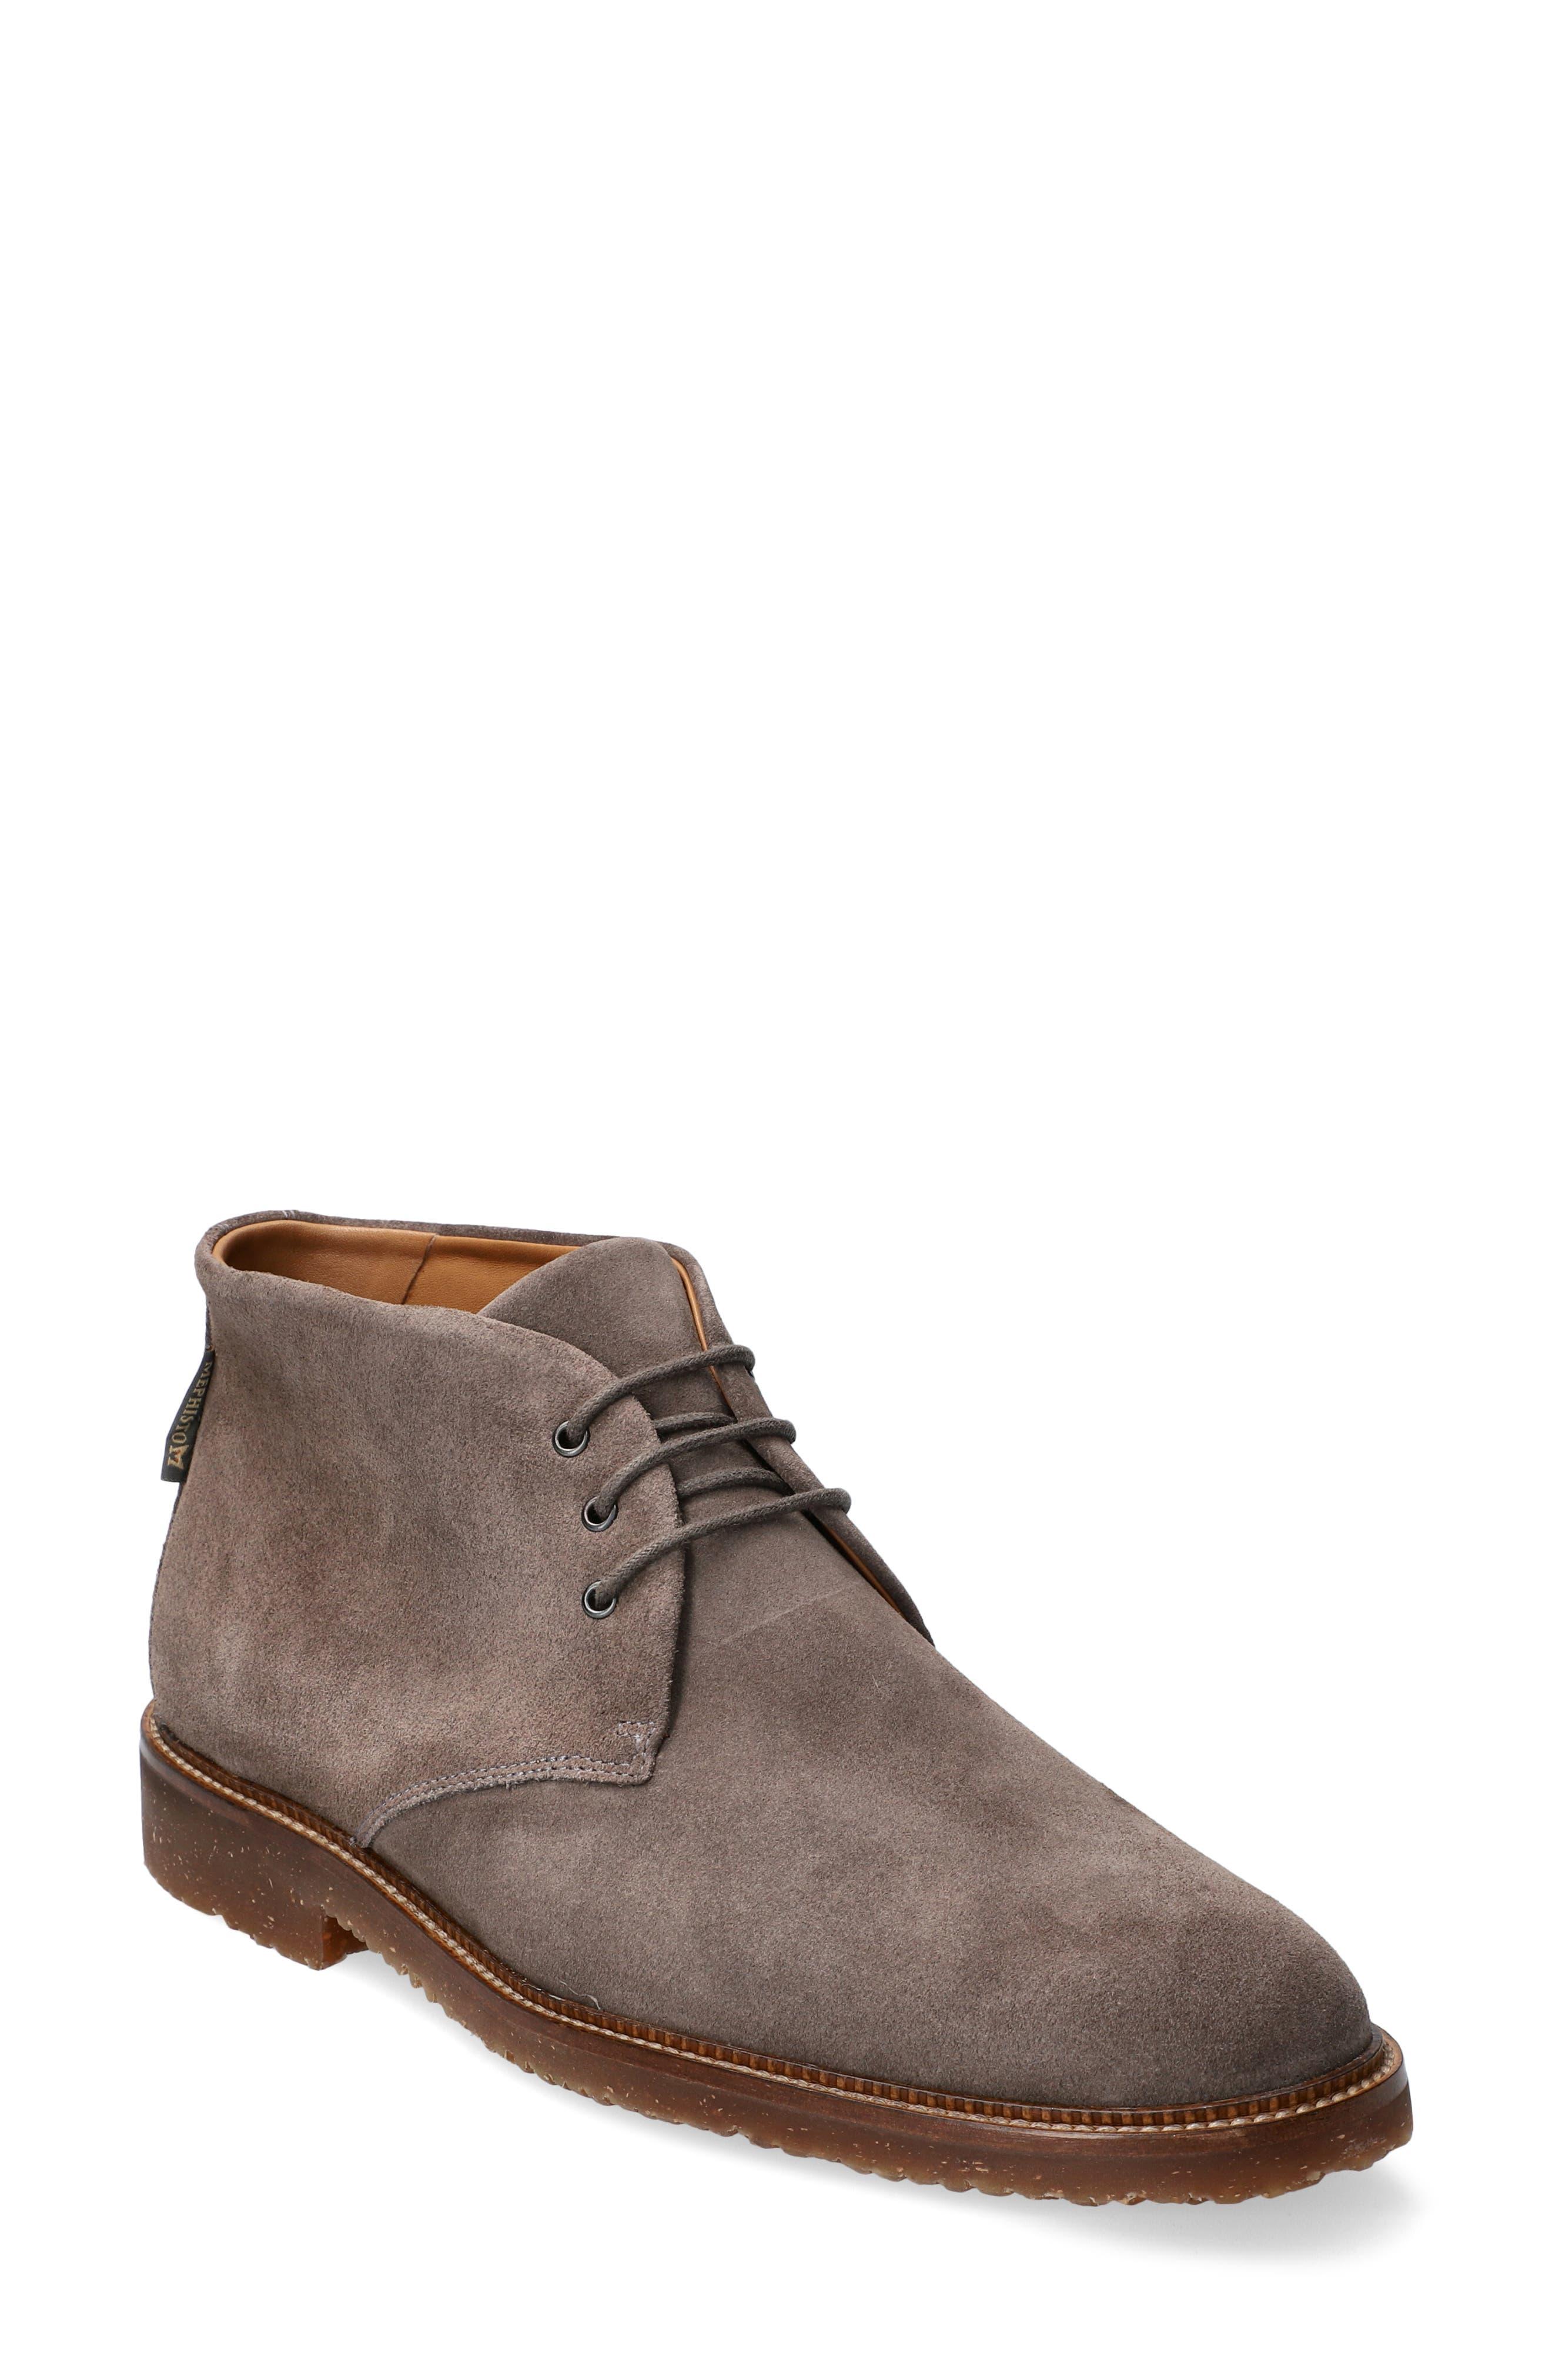 Polo Chukka Boot